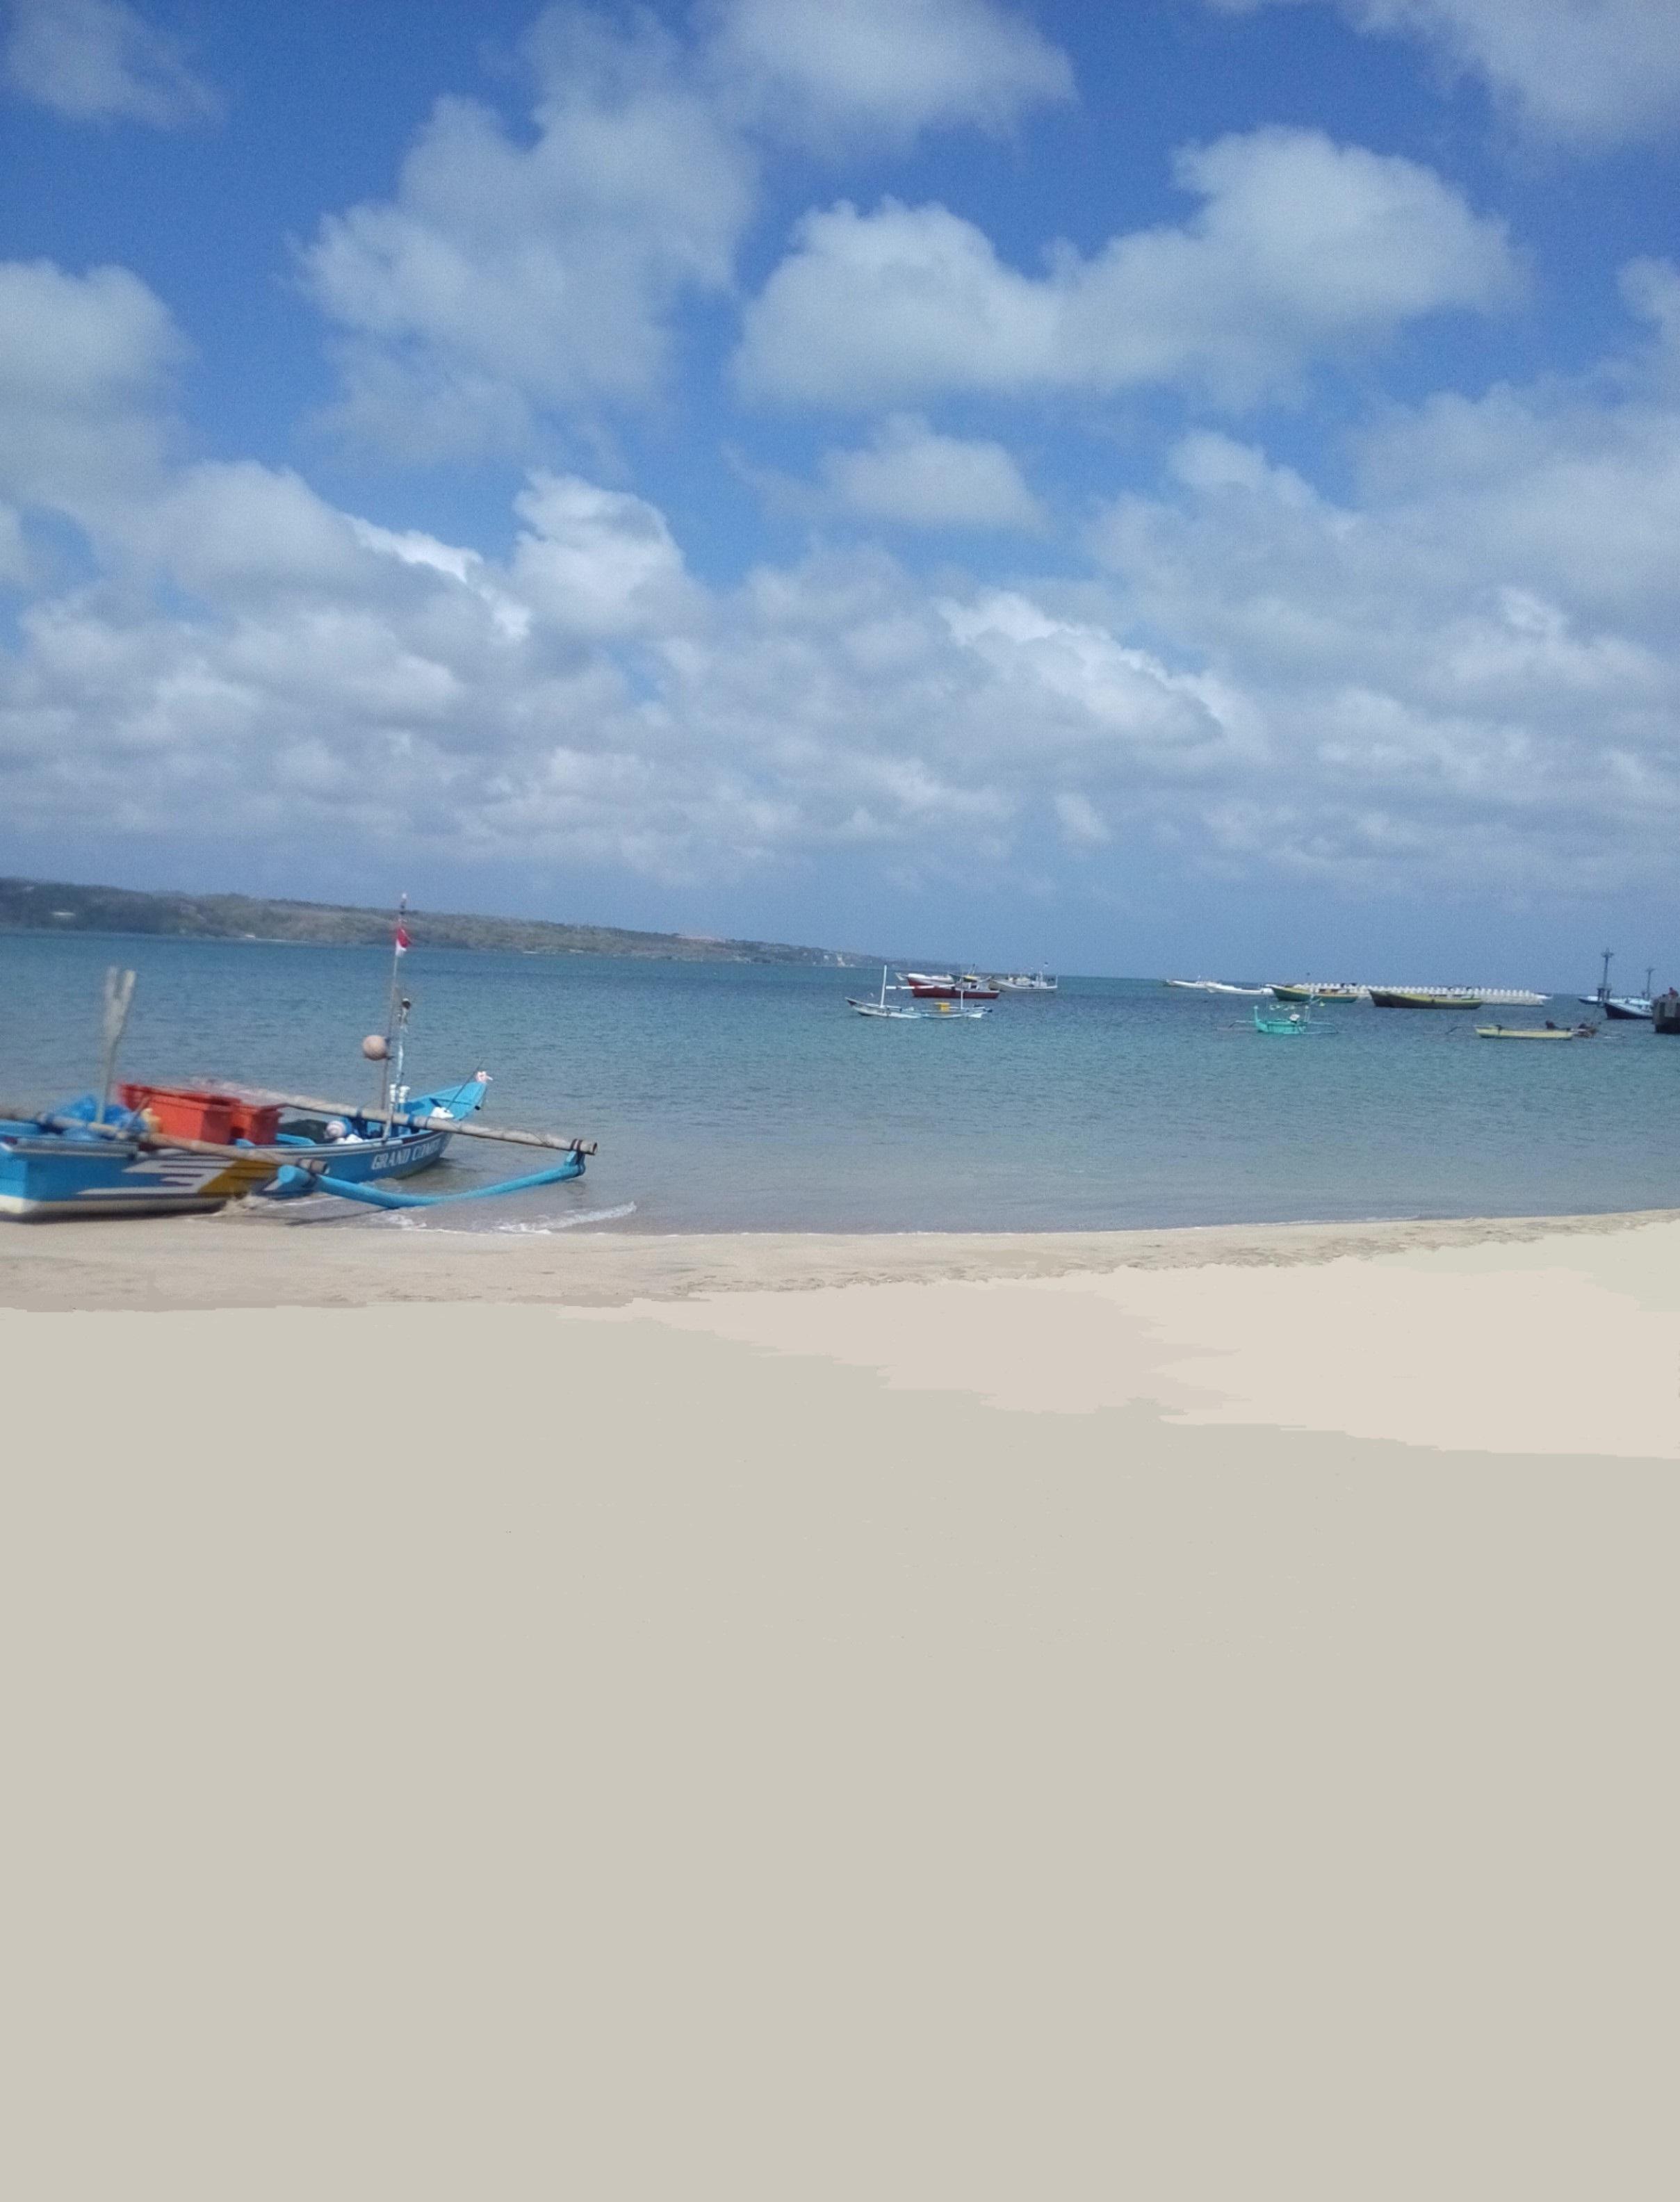 File:Pantai Kedonganan, Bali.jpg